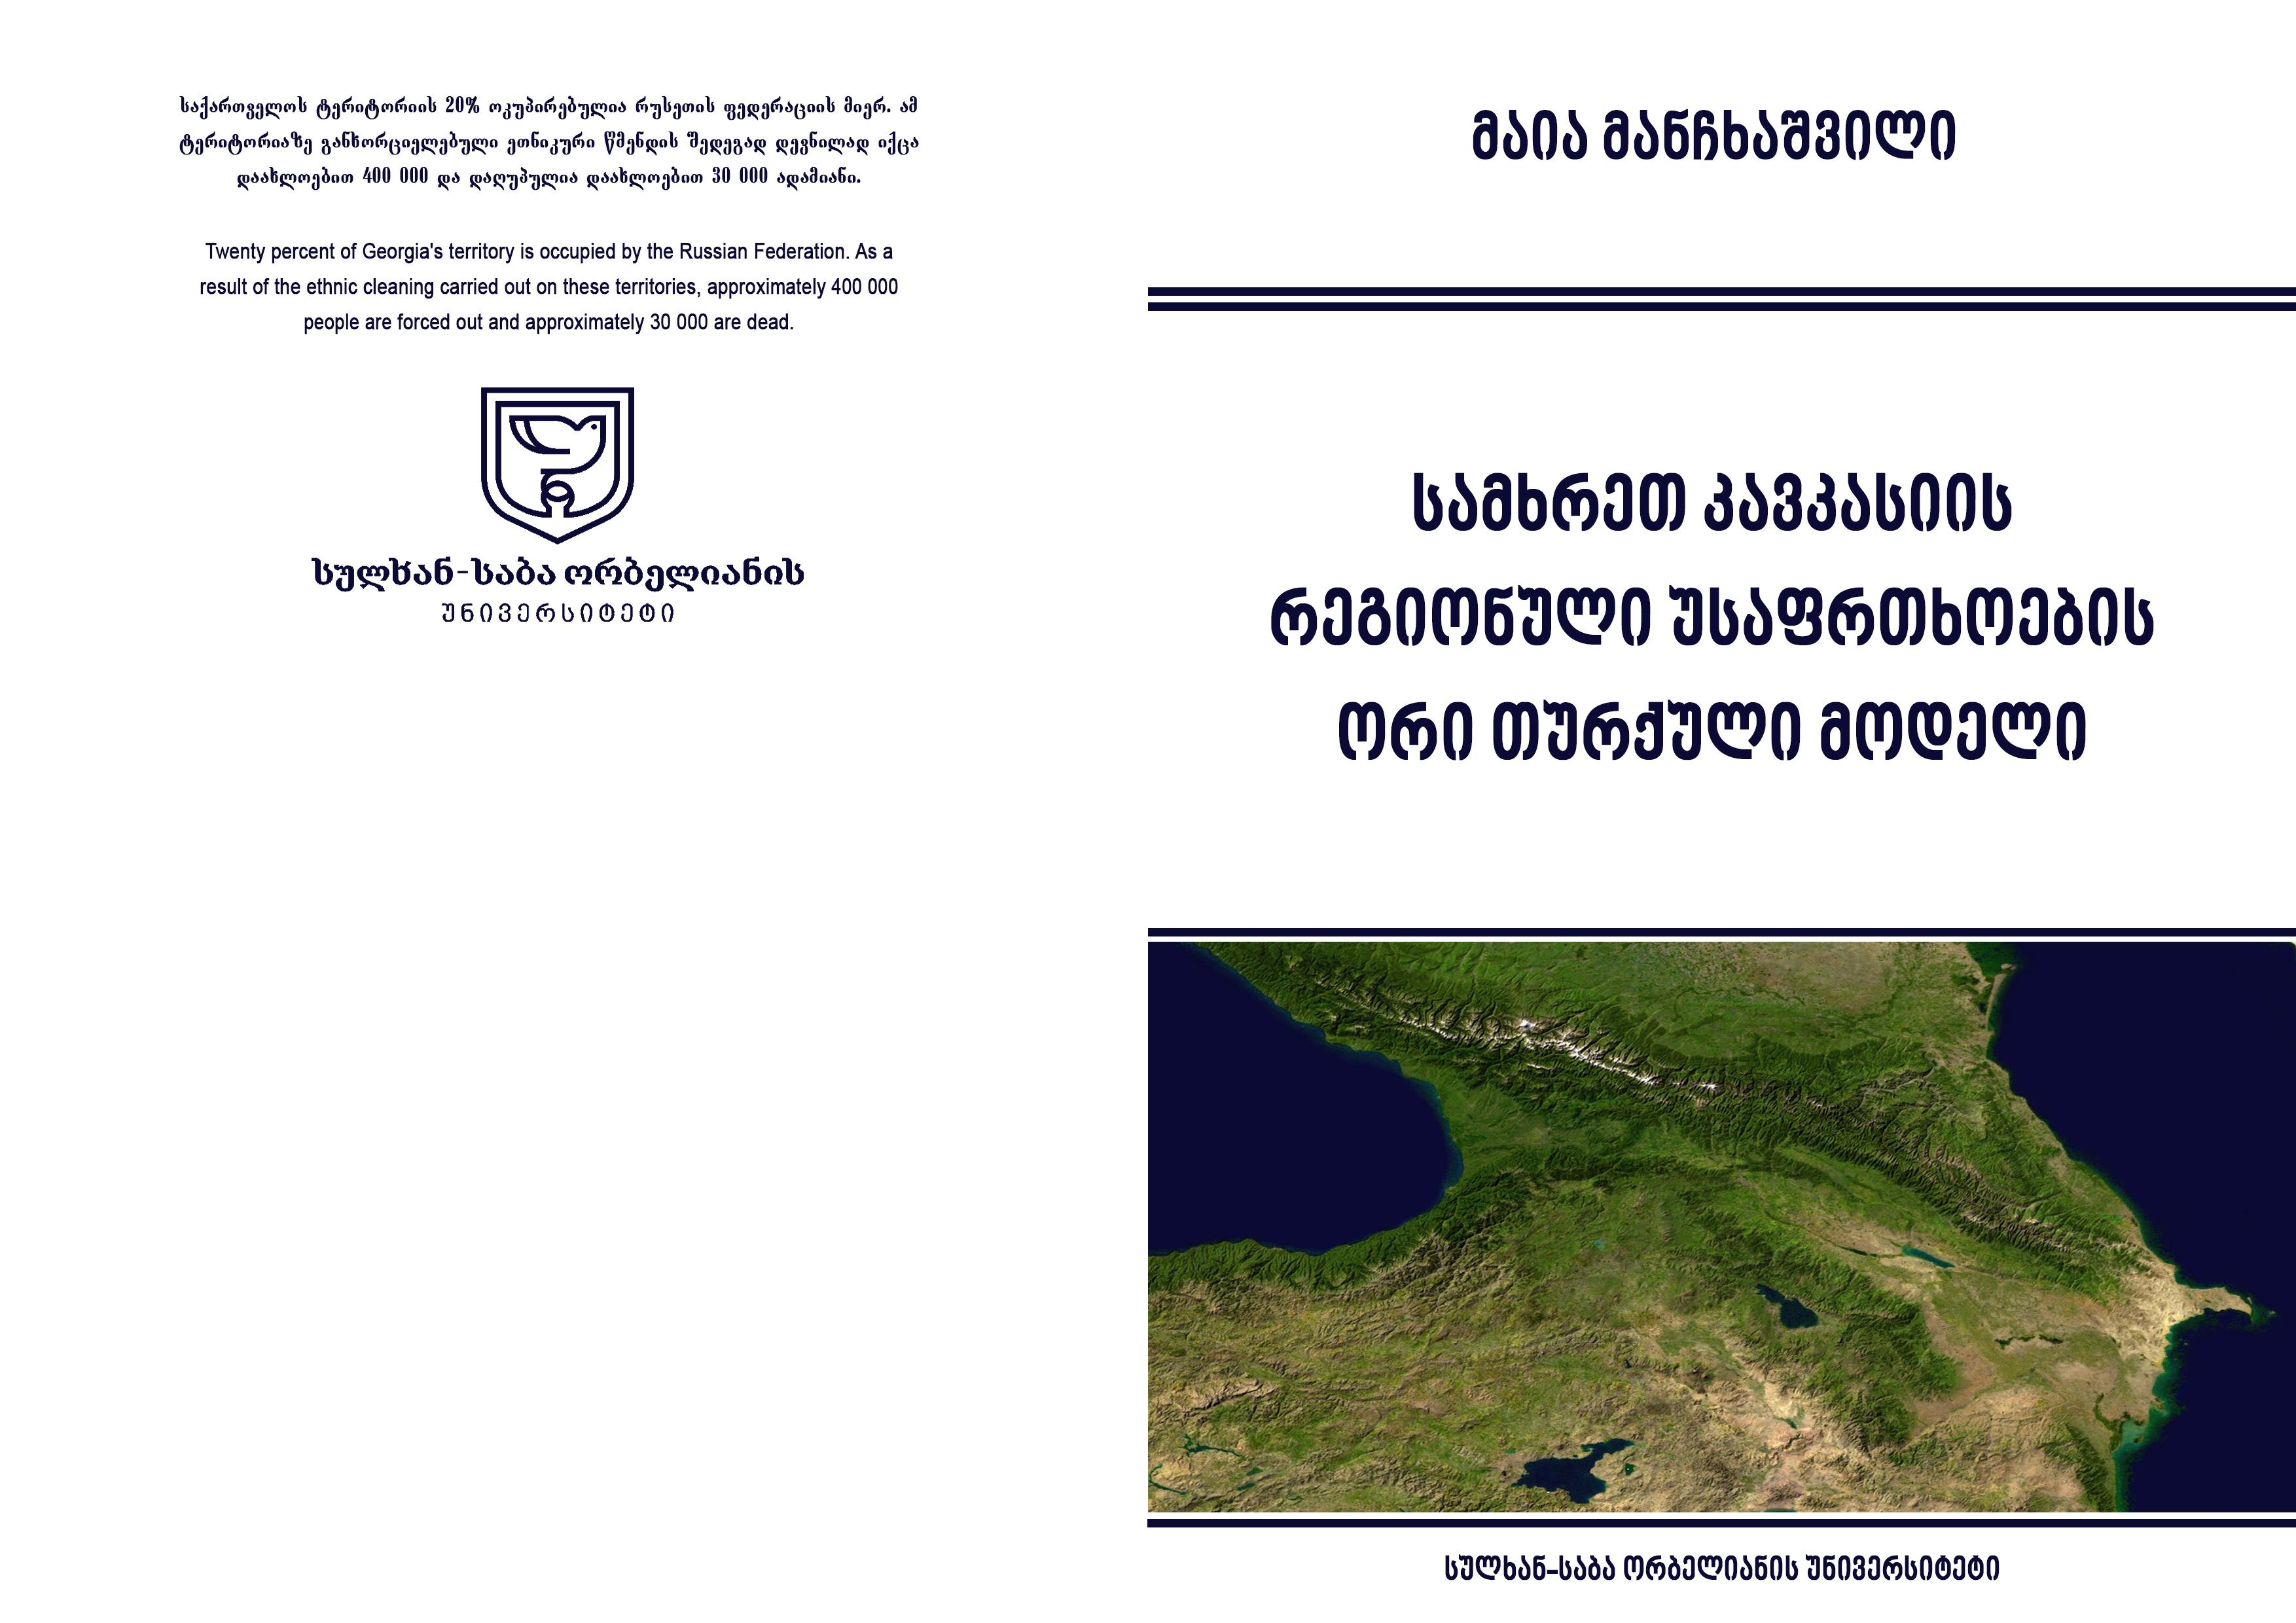 სამხრეთ კავკასიის რეგიონული უსაფრთხოების ორი თურქული მოდელი